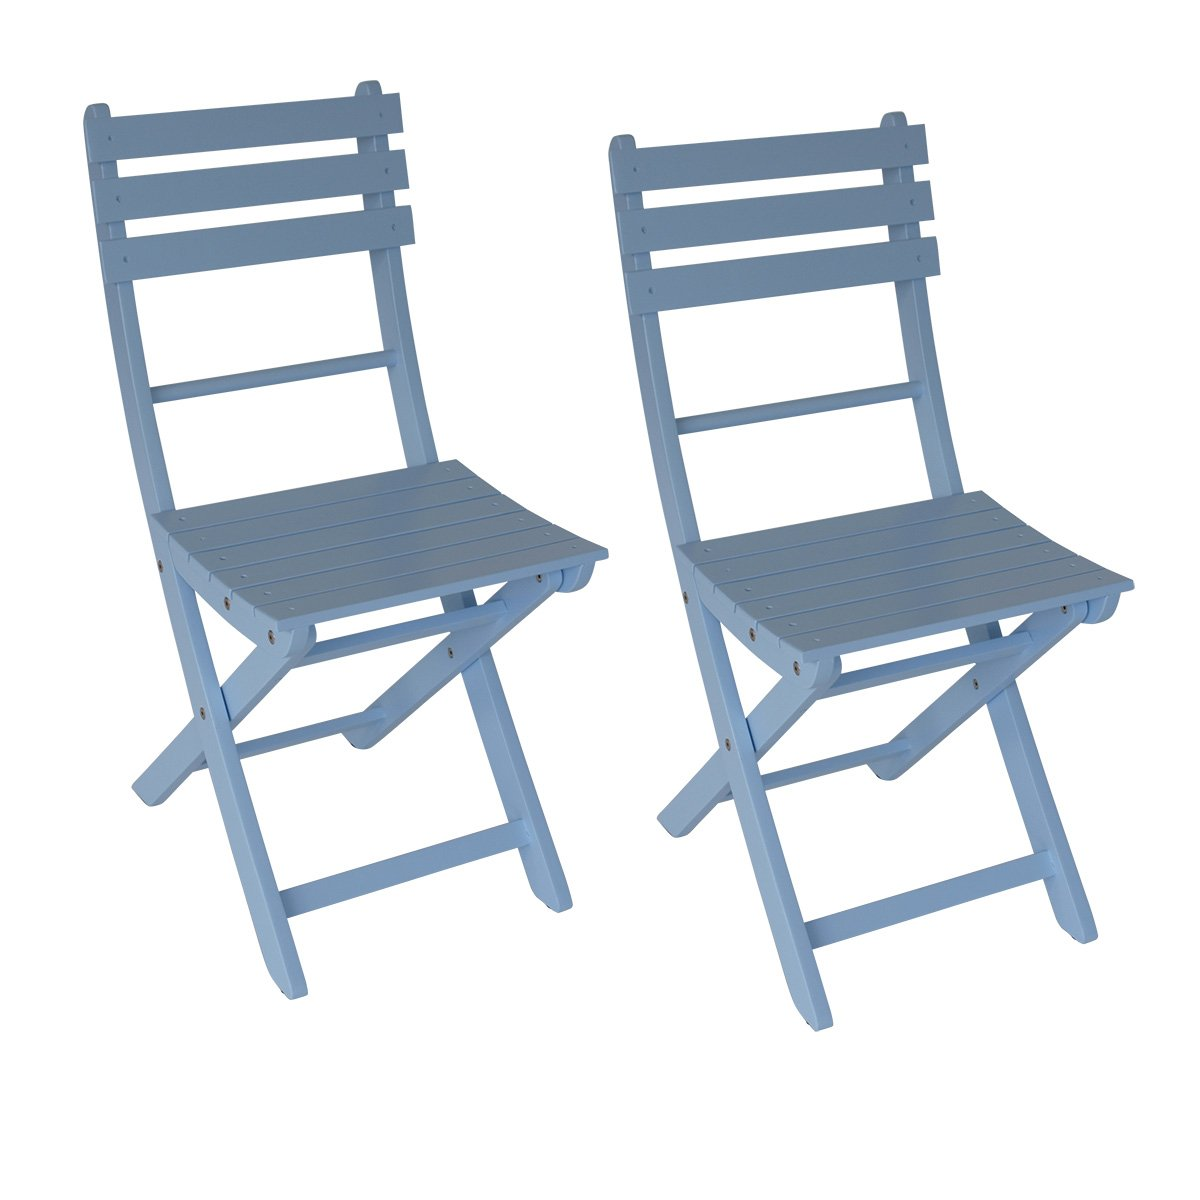 BALKE Design, 2x Klappstuhl Miami aus Akazienholz, hellblau beschichtet